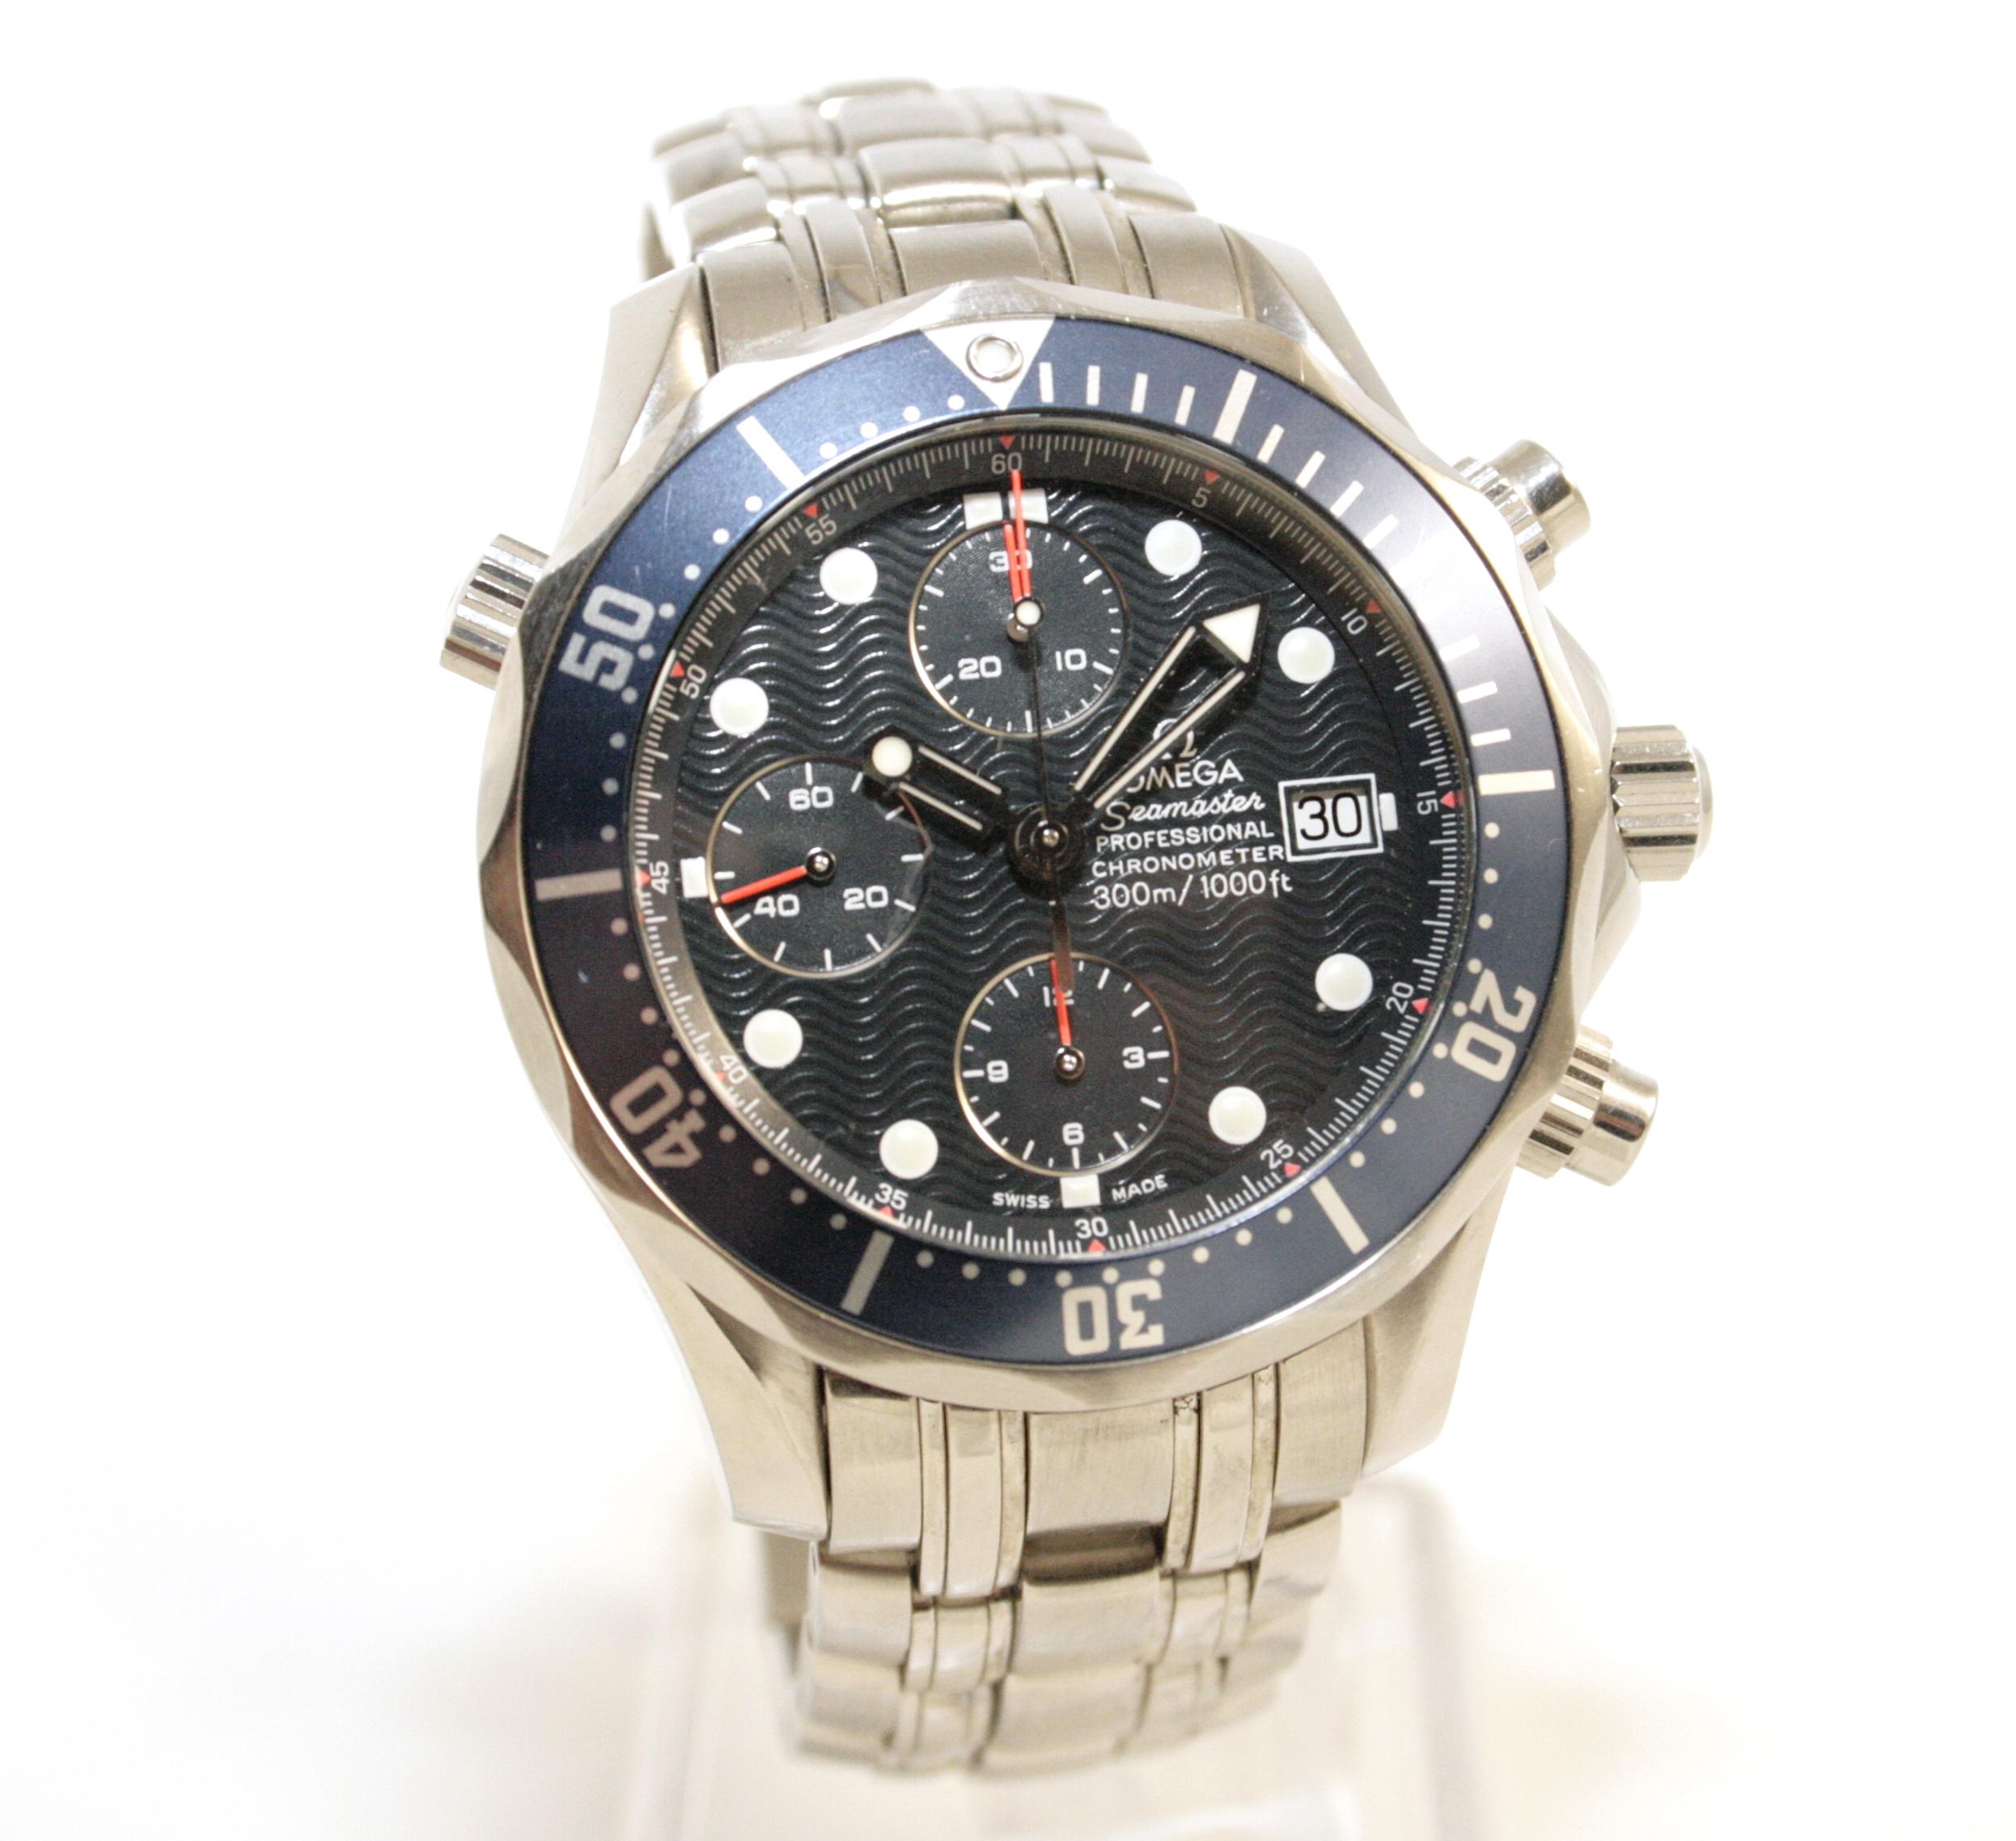 bd7b53e85e2ce Omega Seamaster Professional James Bond Chrono Diver 178.0514 ...